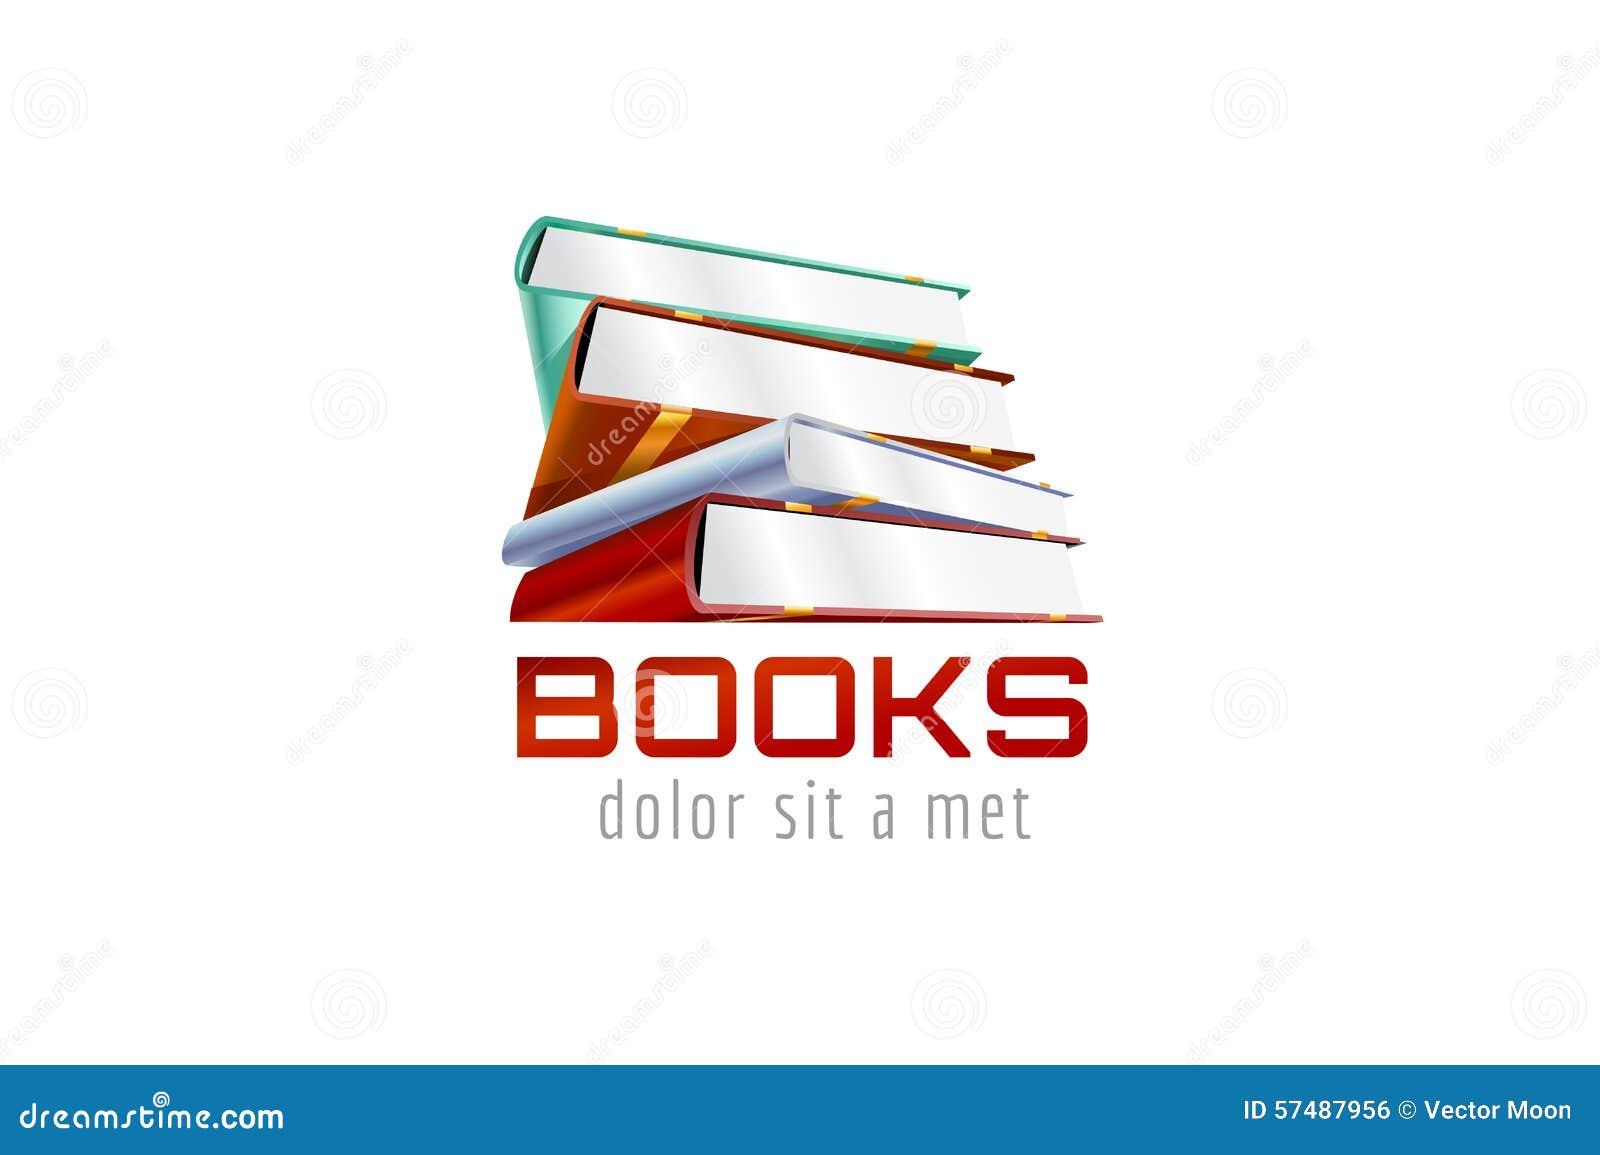 Book logos stock vector image 42714029 - Top Logo Design Books Logo Design Book Template Logo Icon Back To School